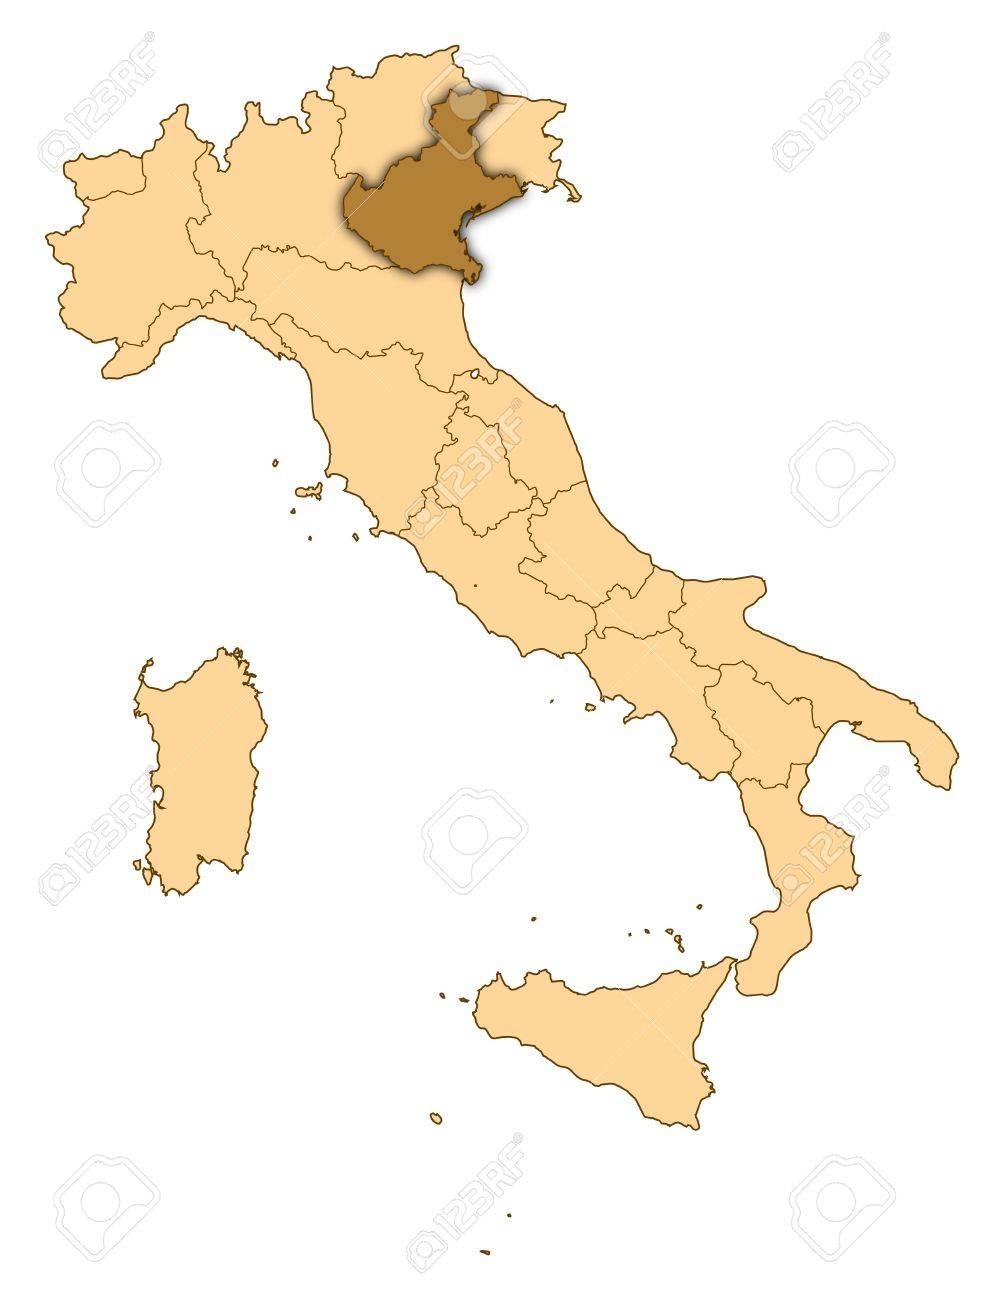 Cartina D Italia Veneto.Immagini Stock Mappa D Italia Dove E Evidenziato Veneto Image 14415066